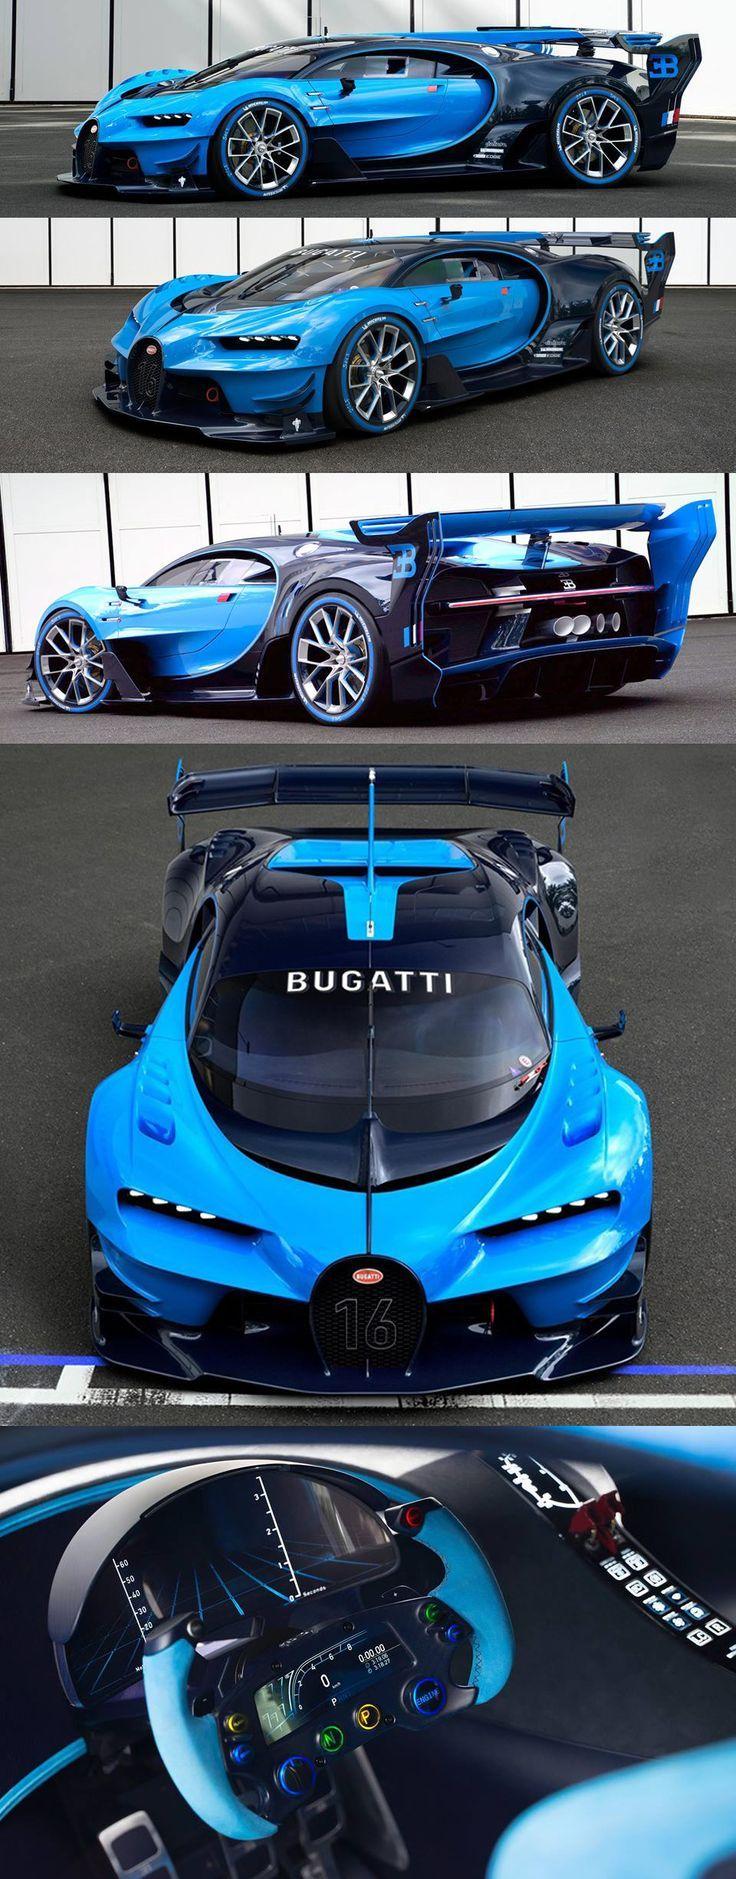 //Bugatti Vision Gran Turismo Concept #cars